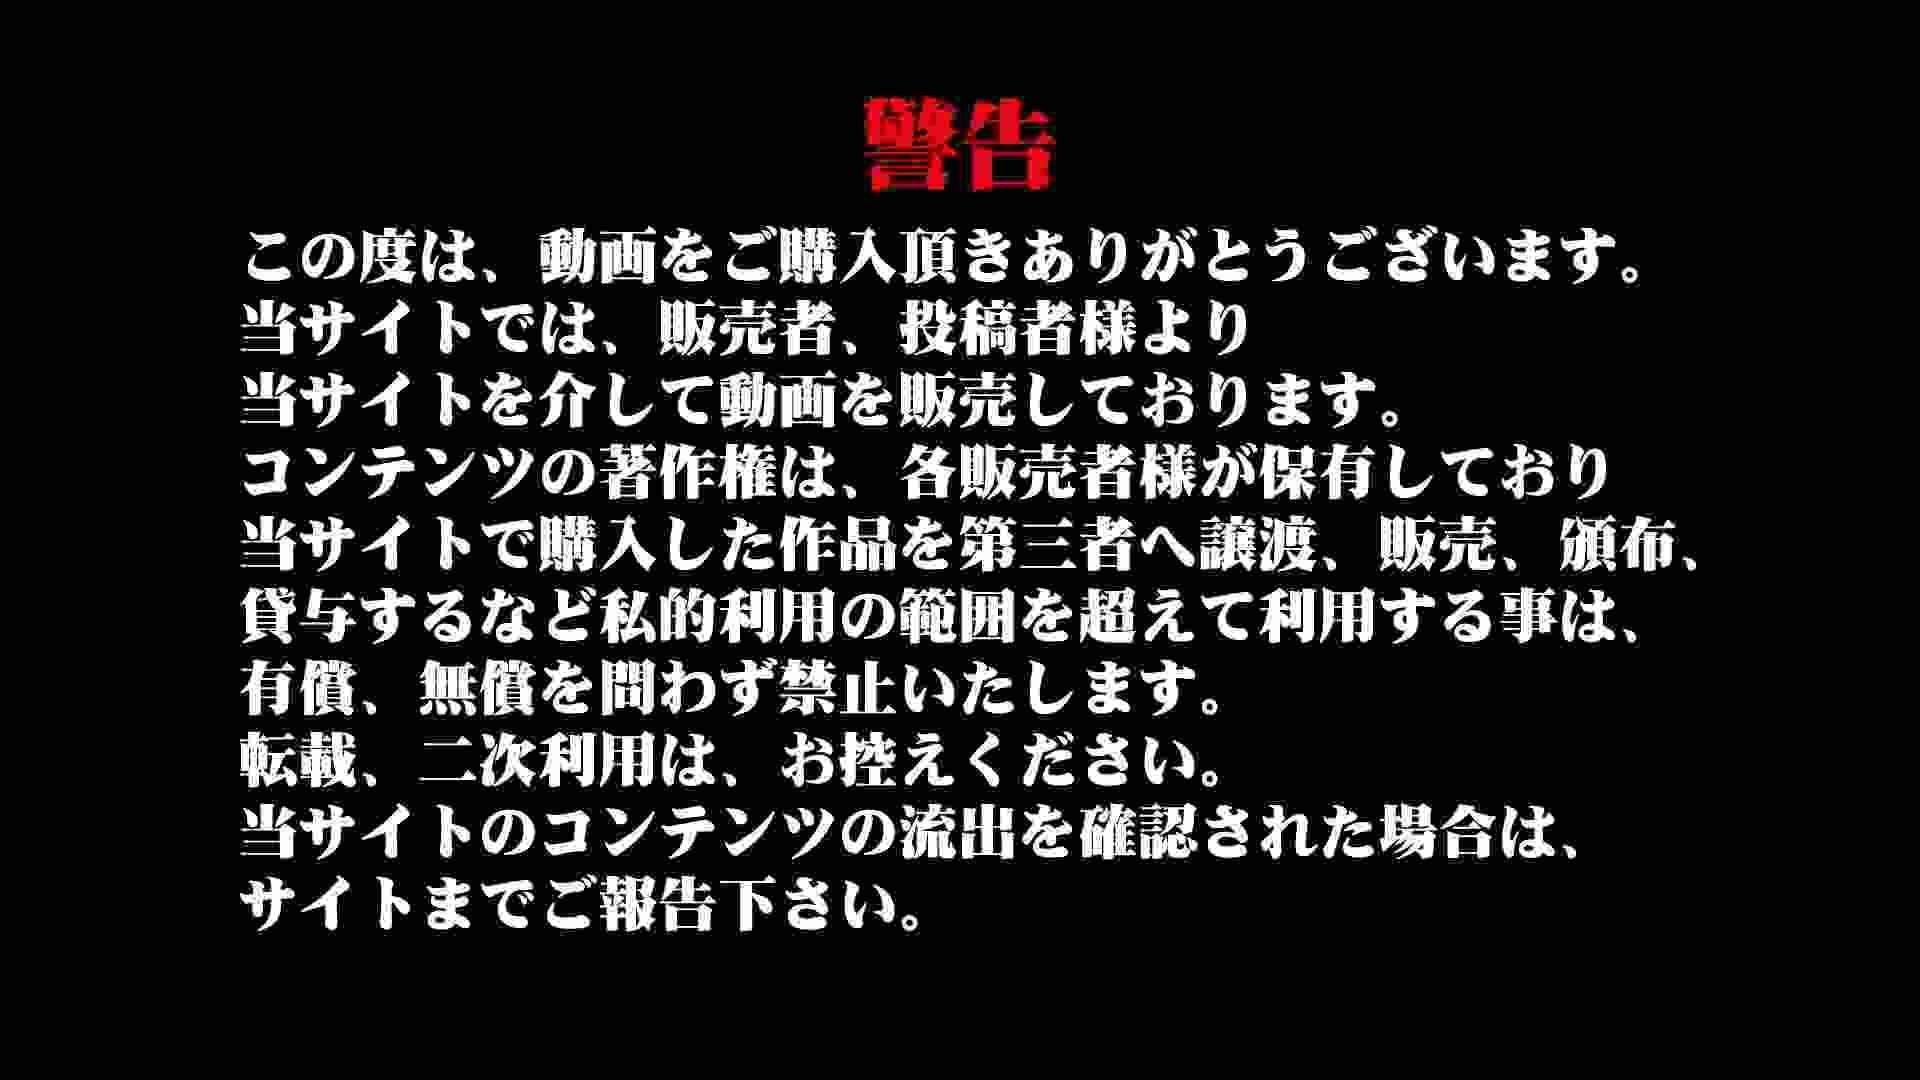 Aquaな露天風呂Vol.927 盗撮師作品 ぱこり動画紹介 87pic 38